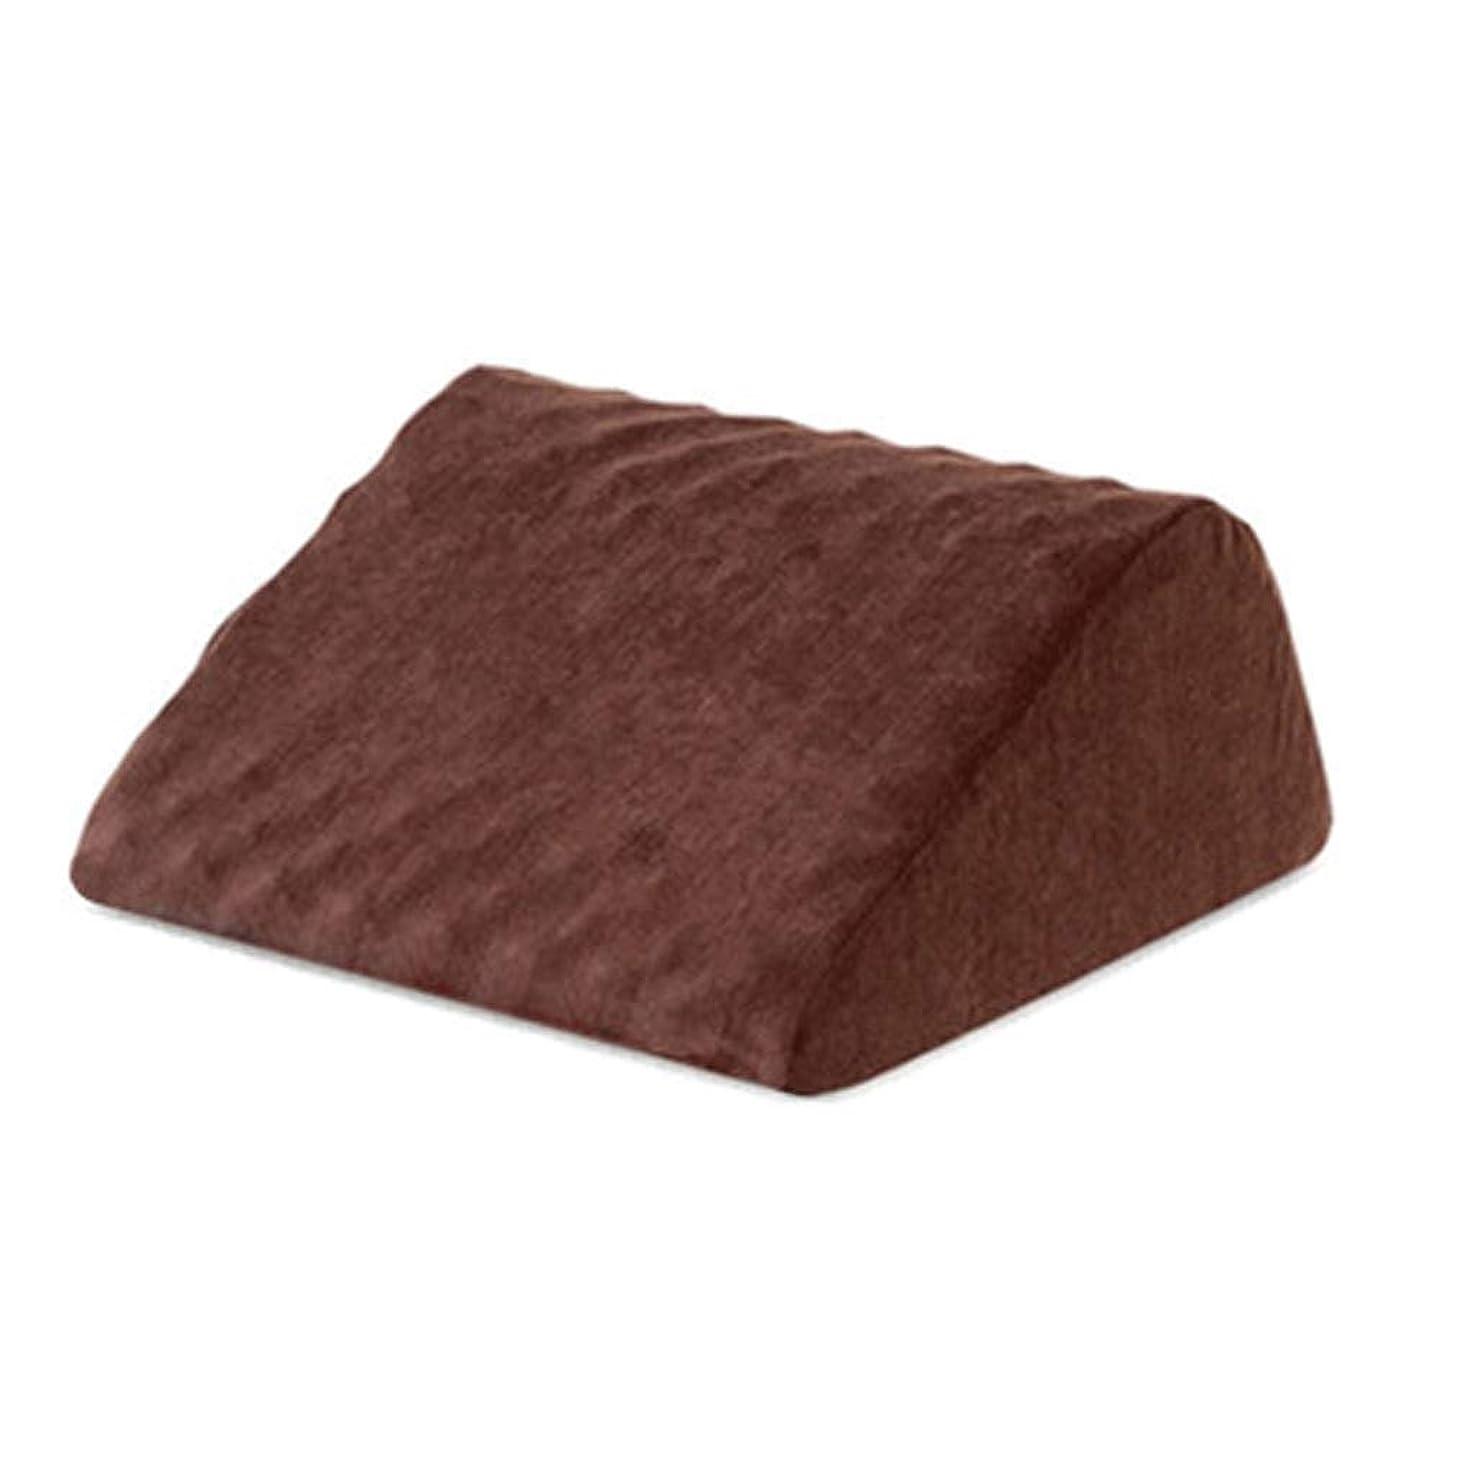 岸スラック槍足の枕、マタニティベッド、足の枕、マッサージの枕、足の枕,Brown